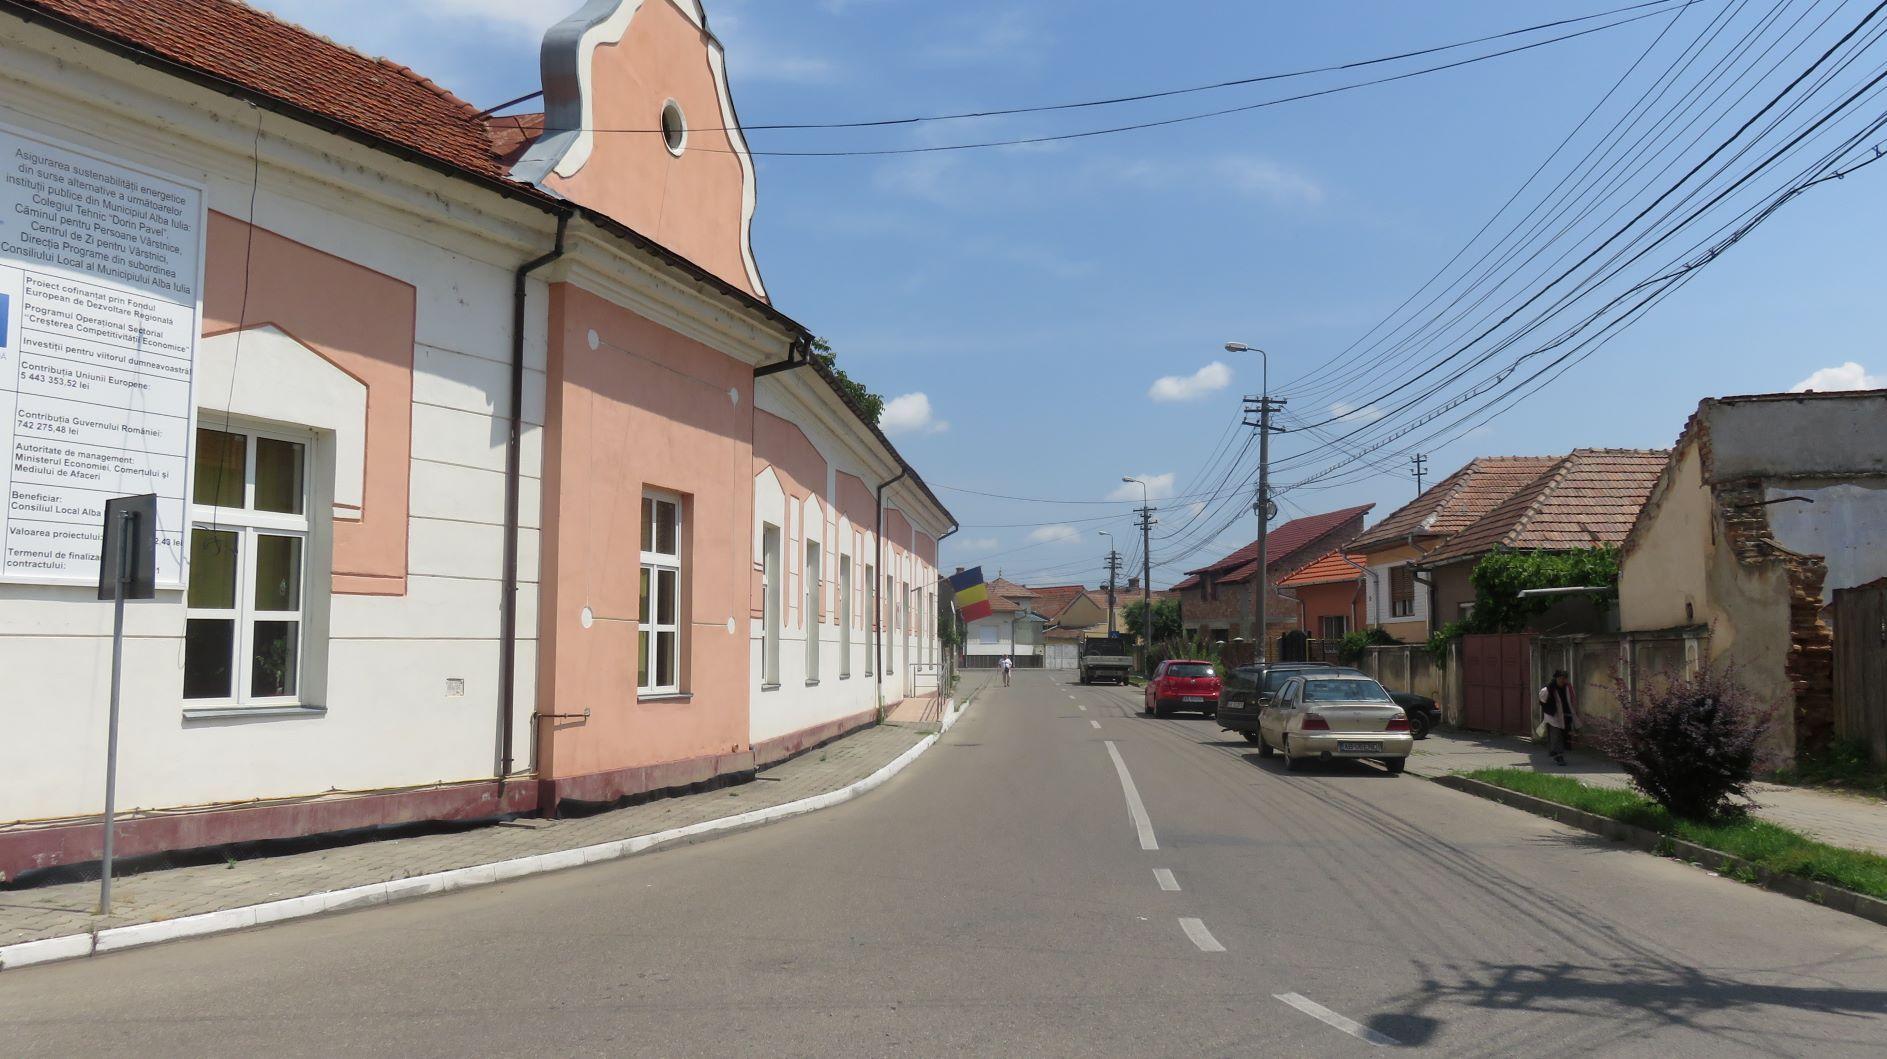 ADR Centru:Fonduri Regio - POR 2014-2020 pentru extindere și modernizare Centru de Zi pentru Vârstnicii din Alba Iulia